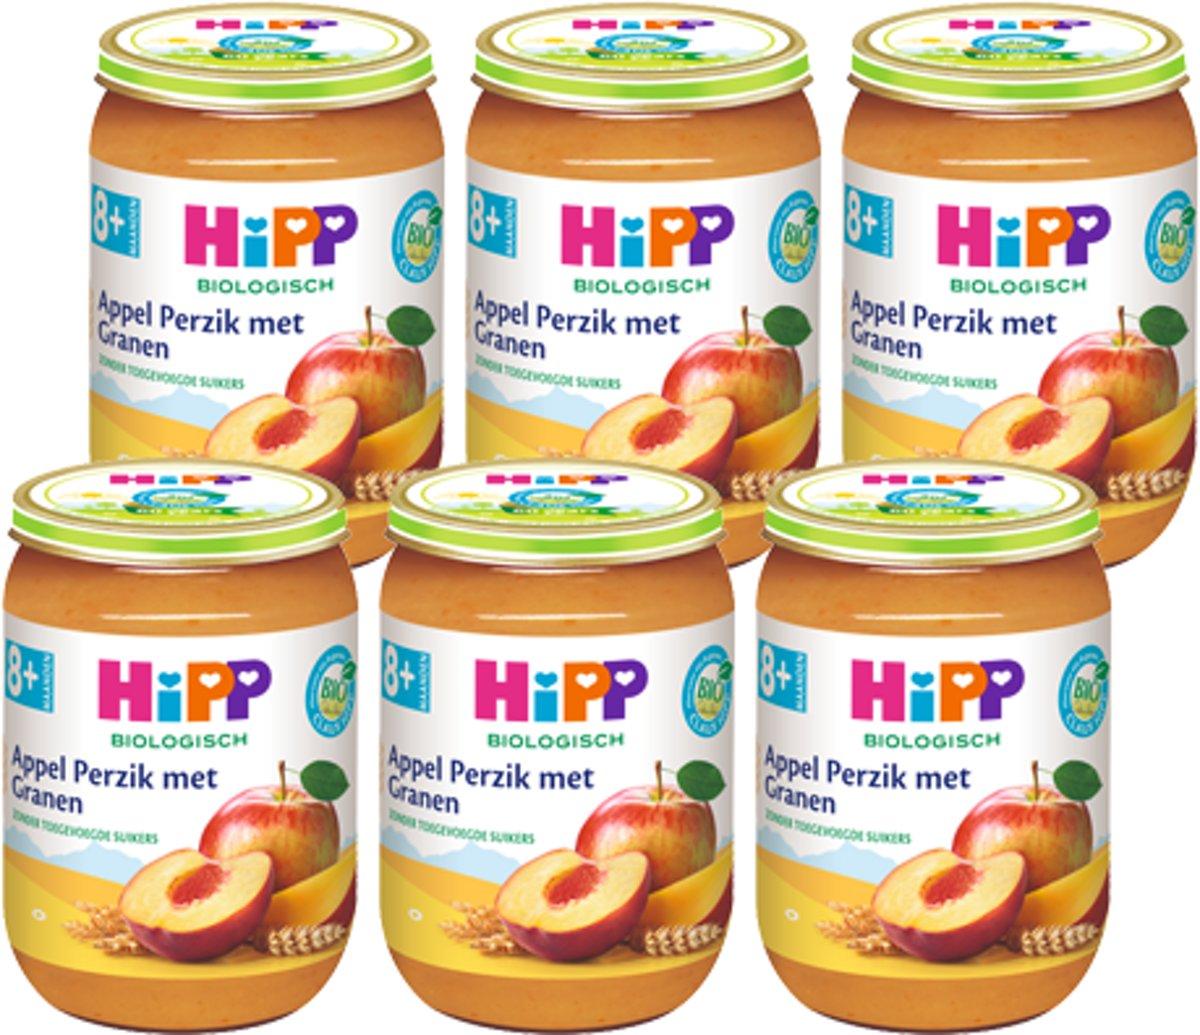 HiPP Bio mlt.6 - Vruchtenmix Appel Perzik met Granen - 6 stuks 190gr kopen